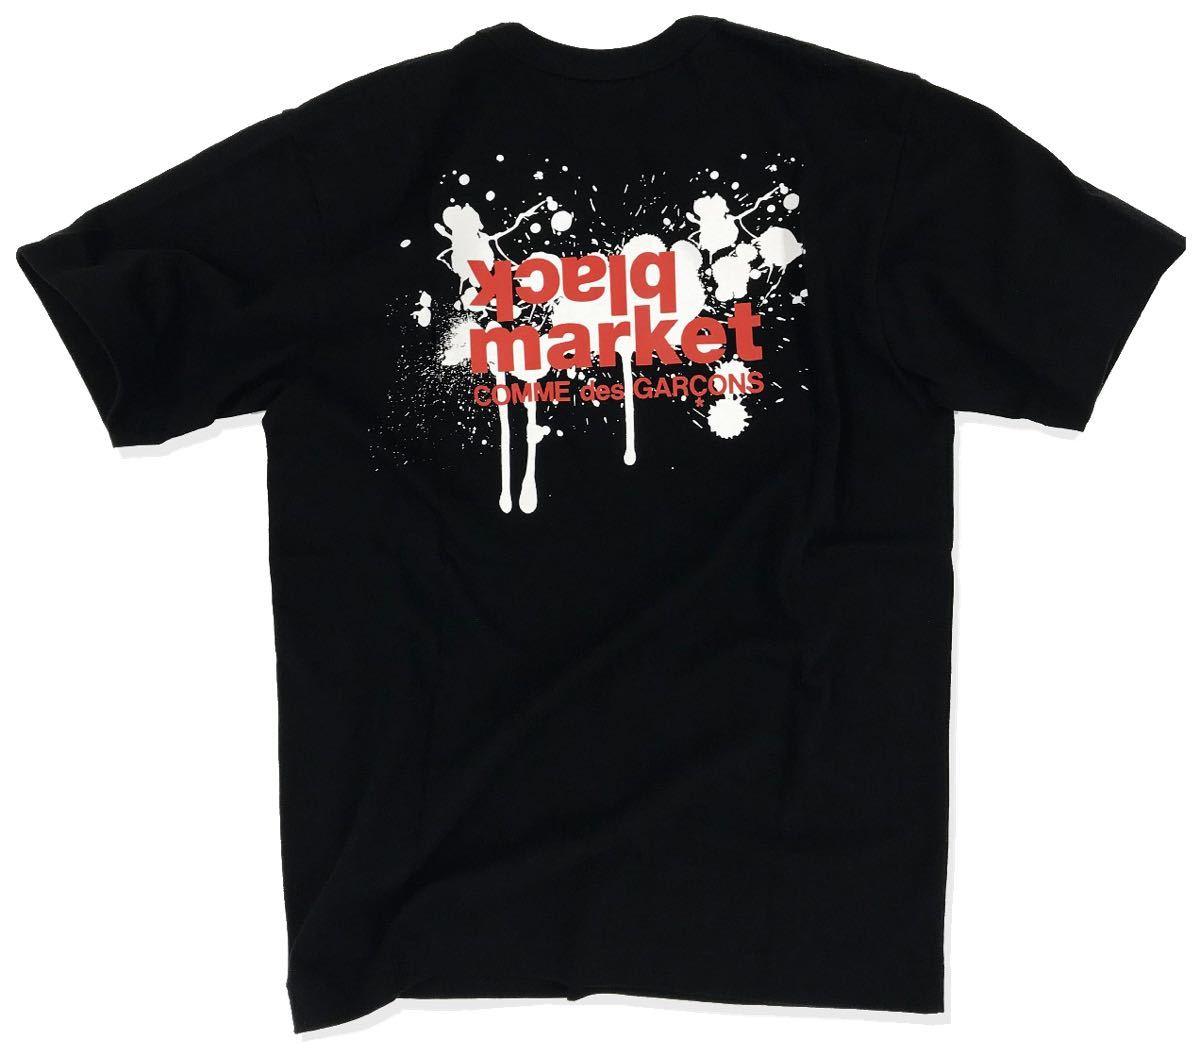 ブラックマーケットコムデギャルソン blackmarket COMME des GARCONS ミニーマウス 半袖Tシャツ M ブラックマーケット コムデギャルソン_画像2